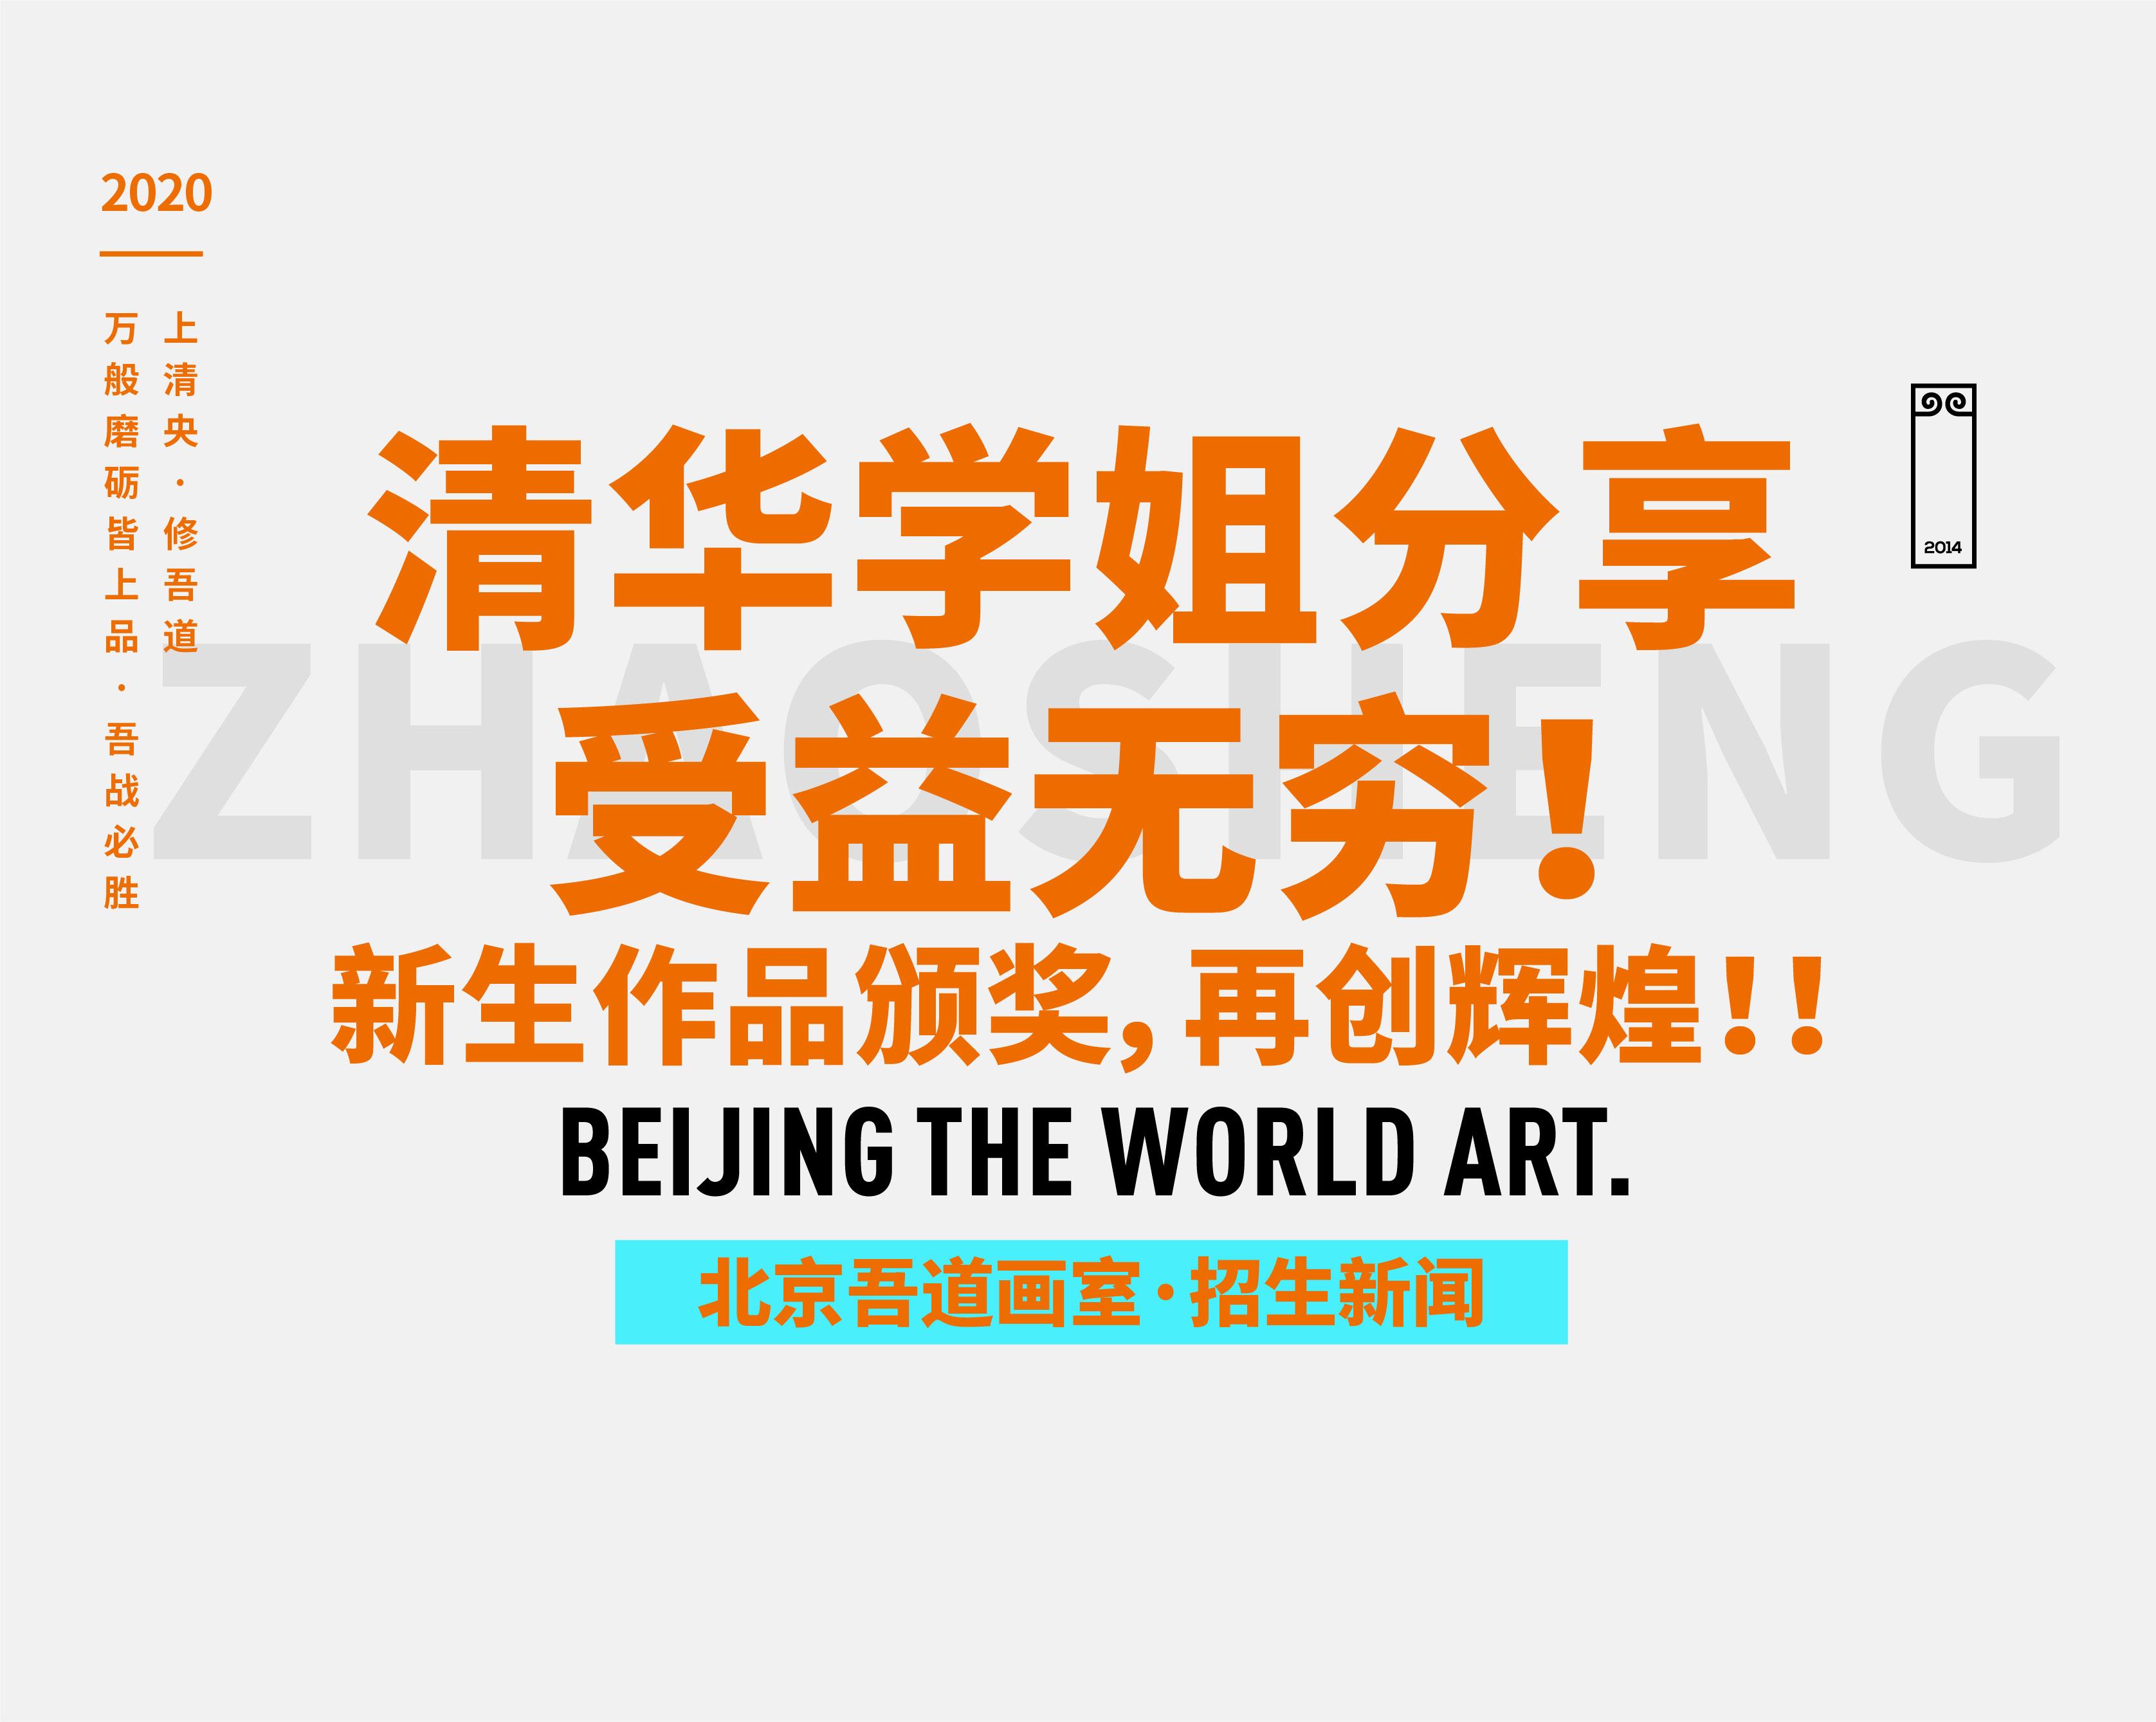 活动回顾 | 清华学姐分享,受益无穷!新生作品颁奖,再创辉煌!